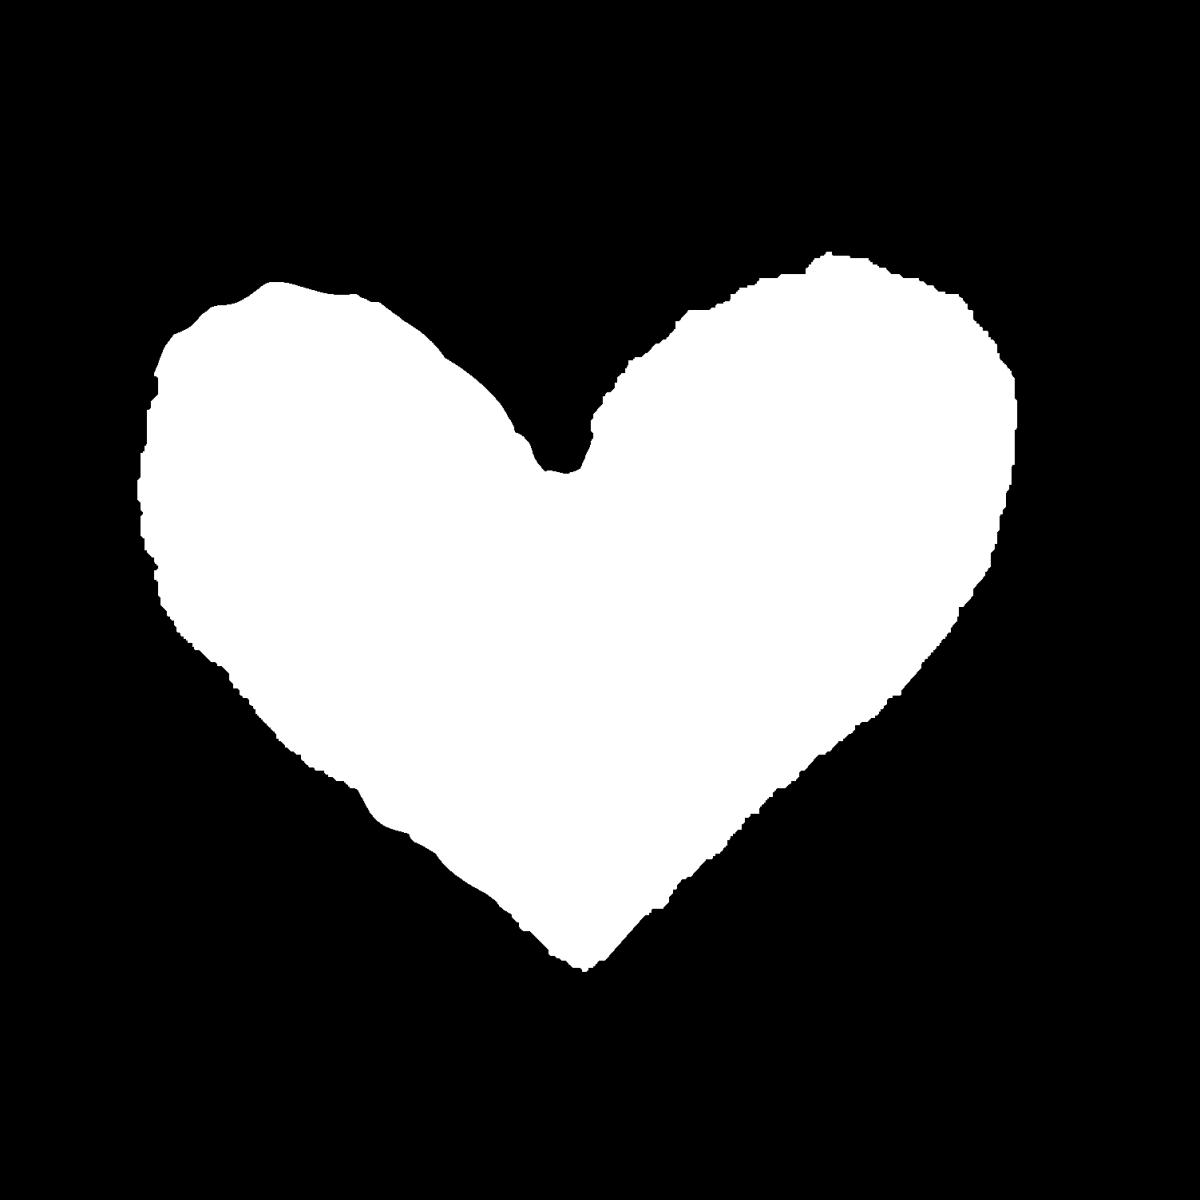 シンプルなハートのイラスト / Simple heart Illustration